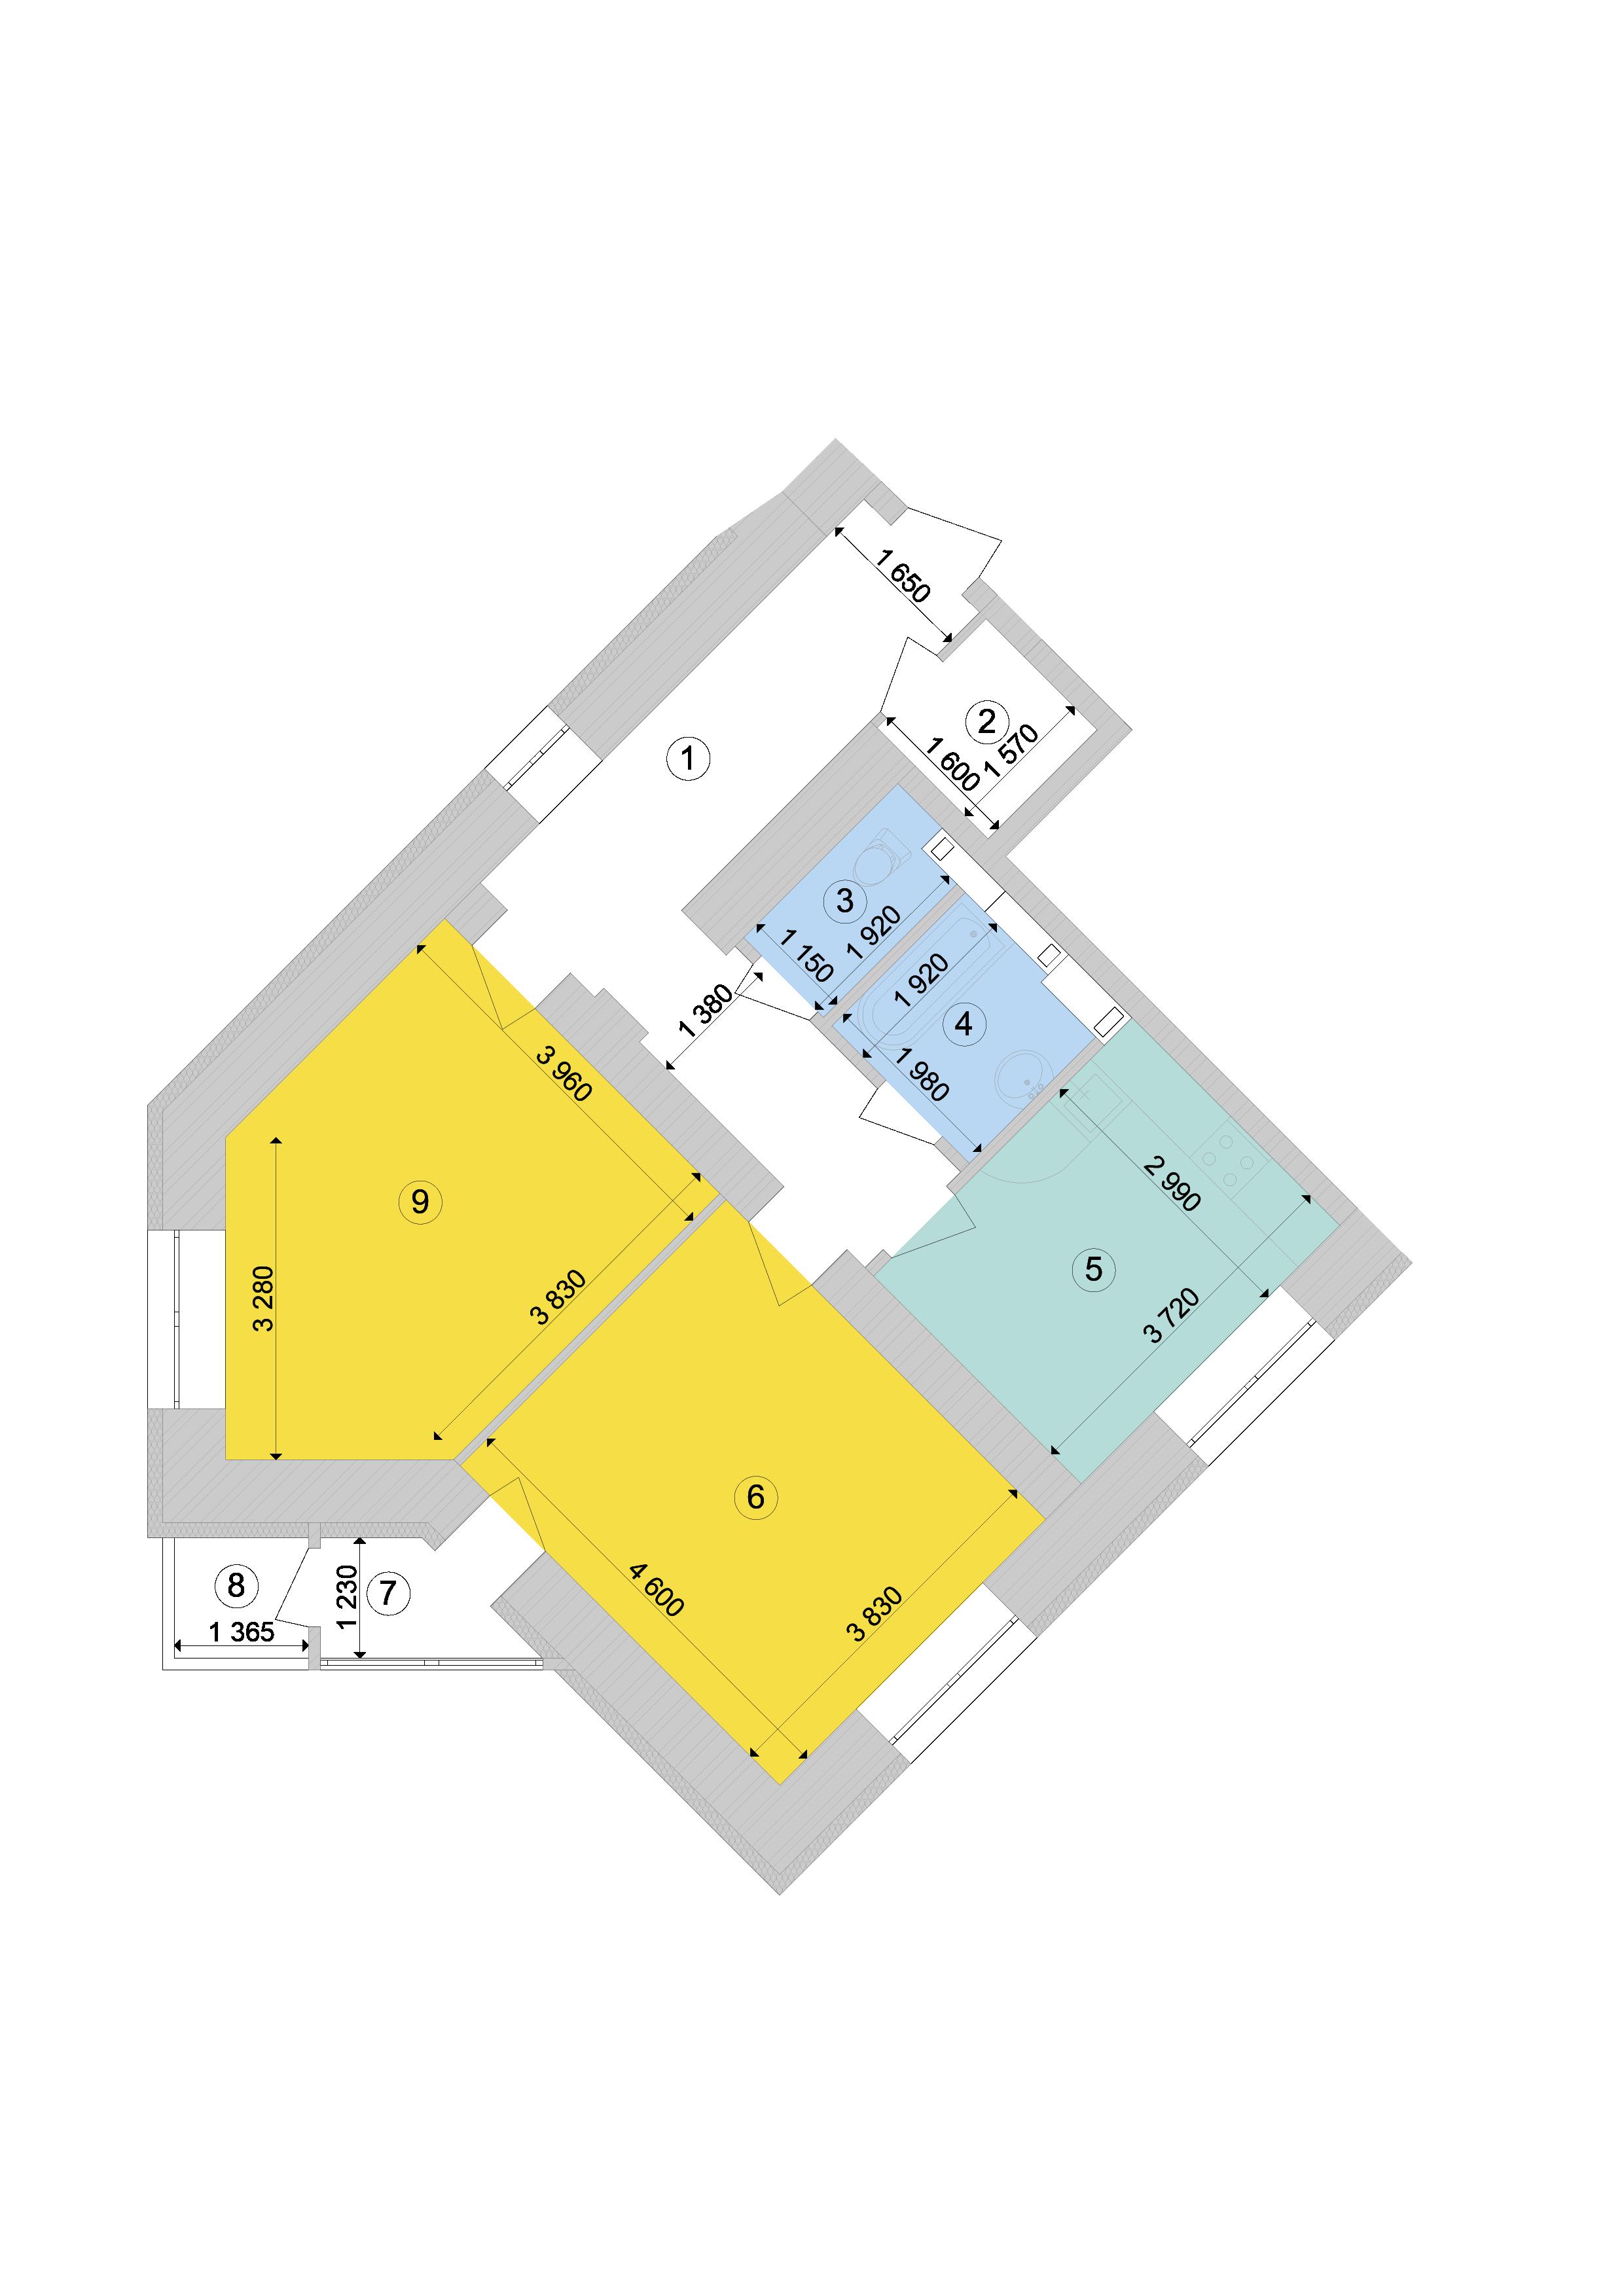 Купити Двокімнатна квартира 70,09 кв.м., тип 2.2, будинок 1, секція 9 в Києві Голосіївський район